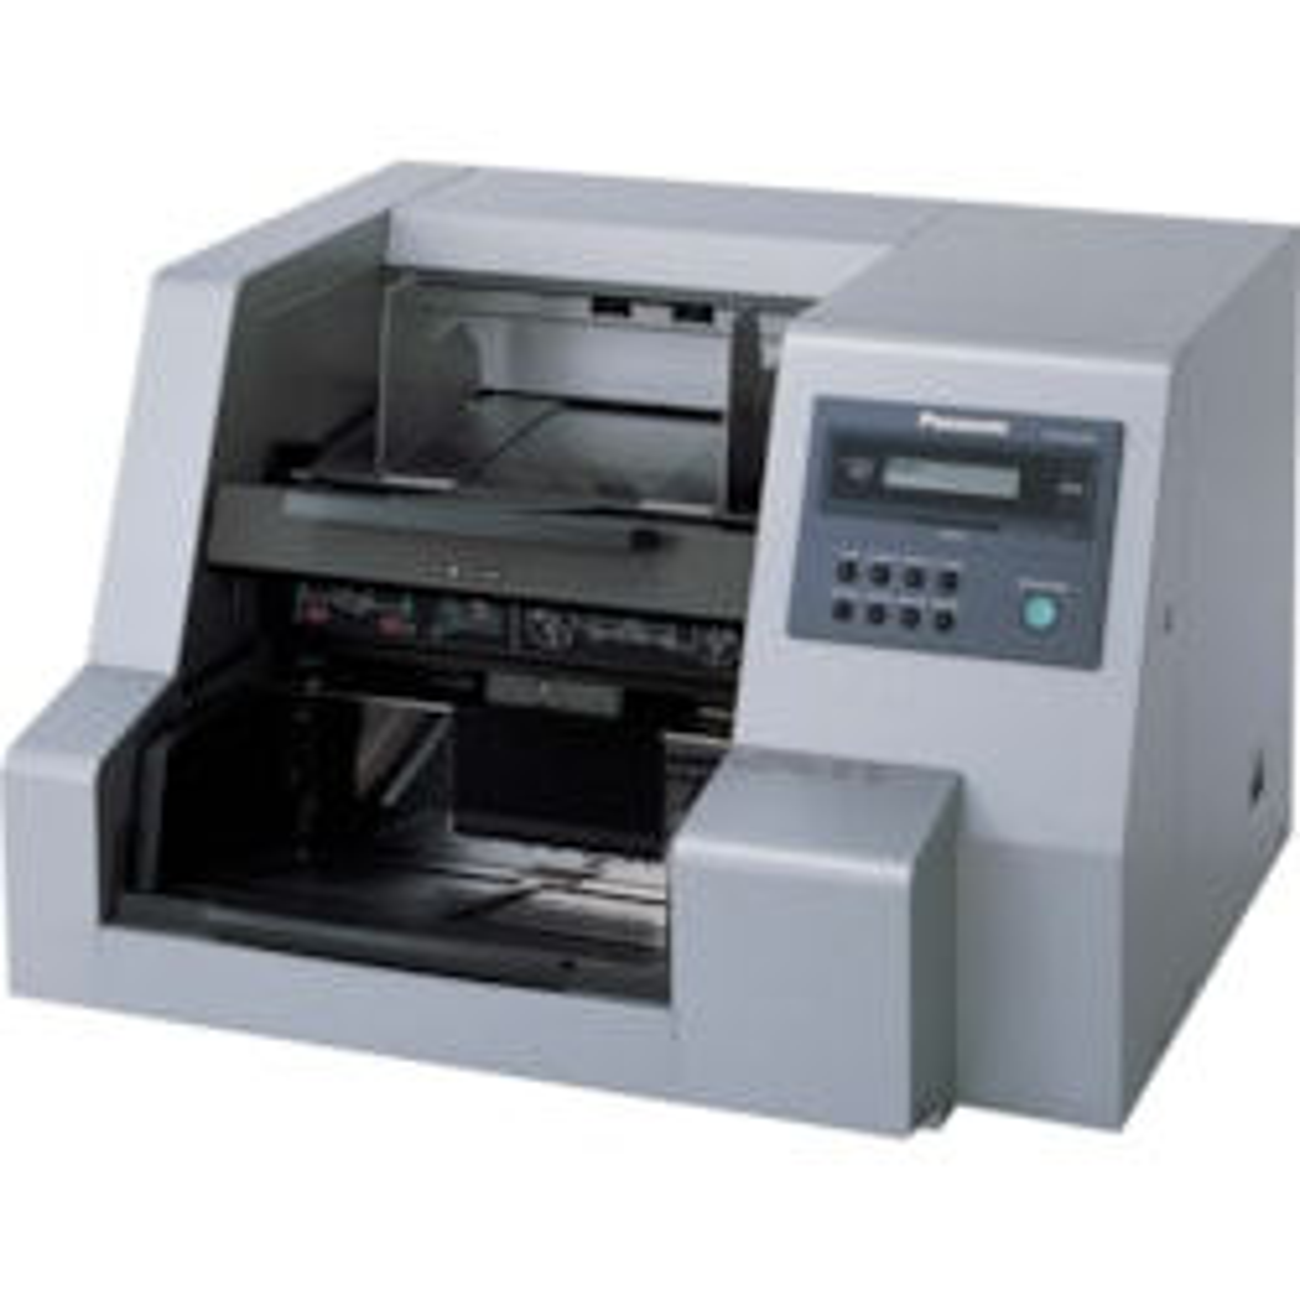 Panasonic KV-S3105C Sheetfed Scanner